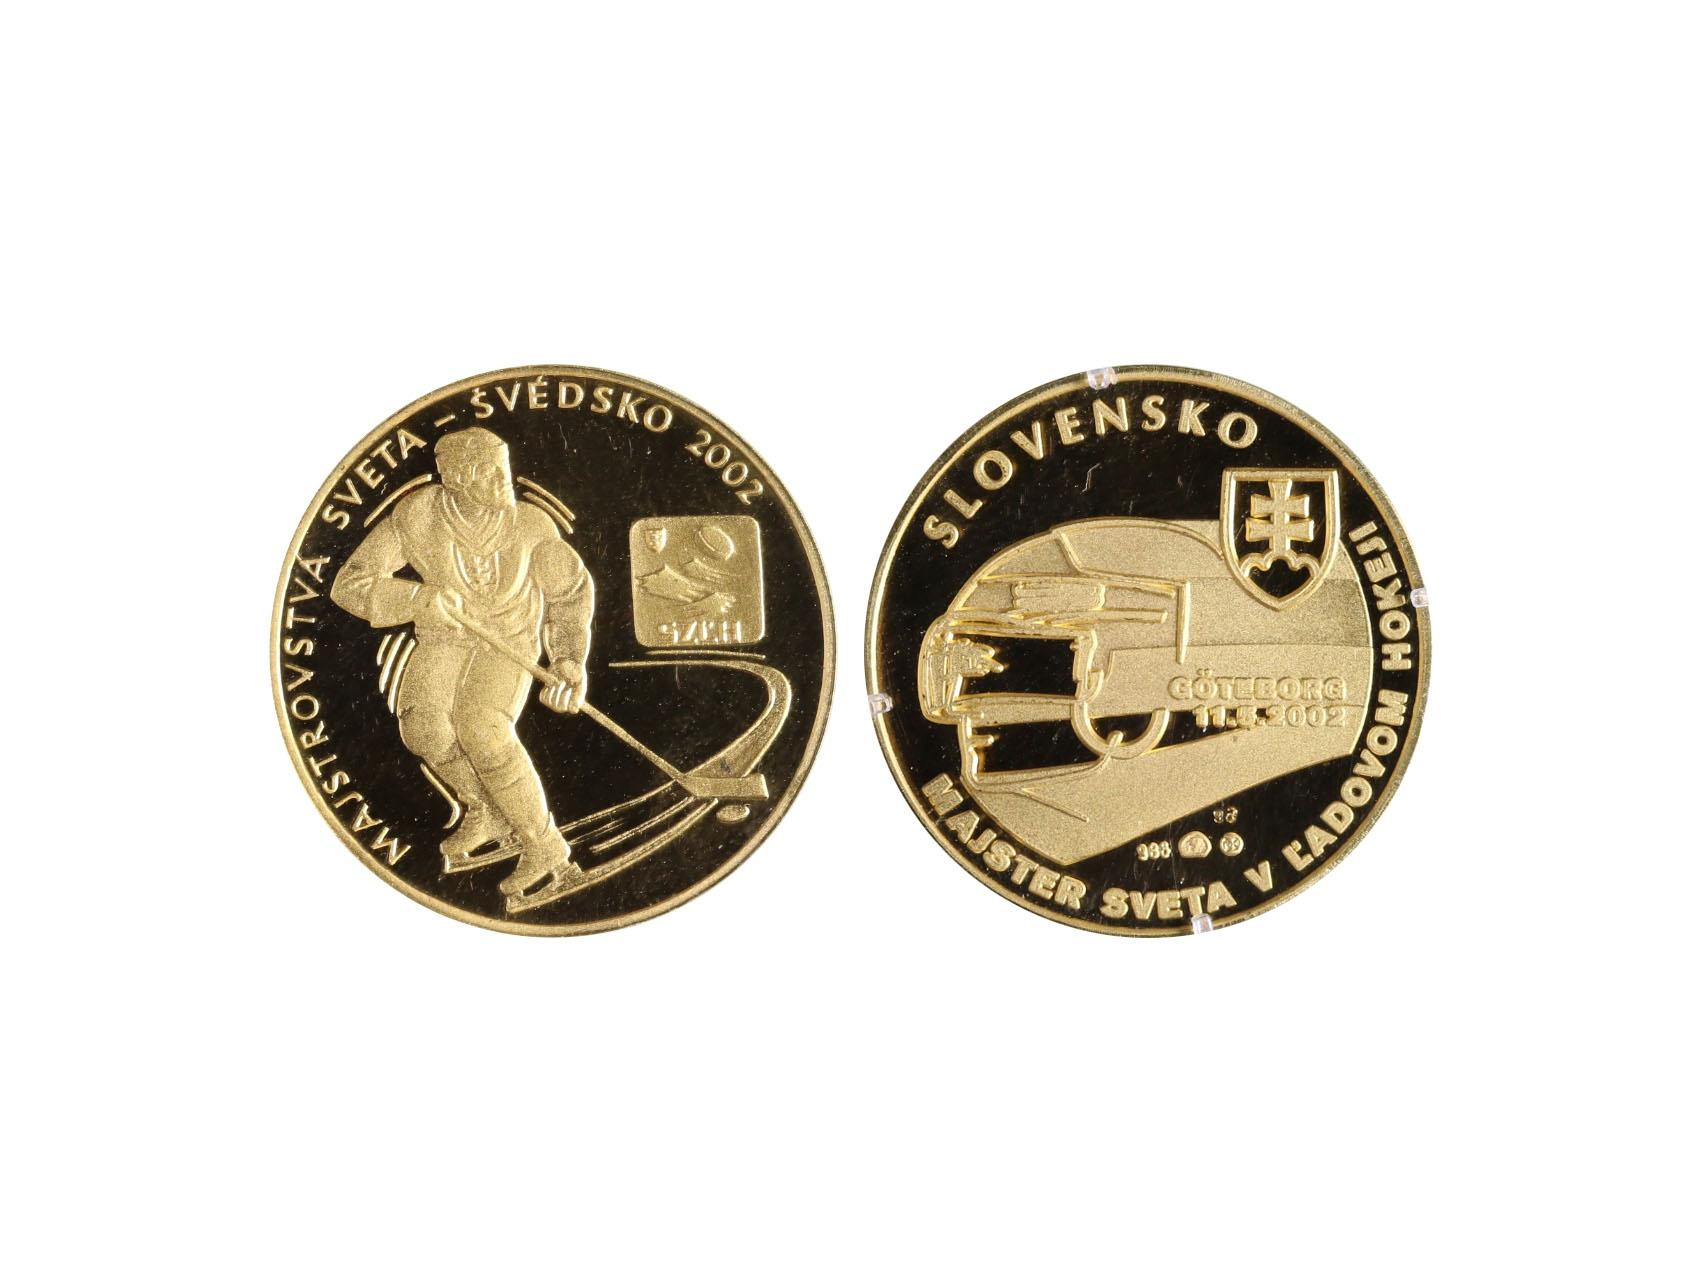 2002, Mincovňa Kremnica, pamětní medaile k Mistrovství světa v ledním hokeji,  Au 0,986, náklad 200ks, číslovaná medaile i certifikát č. 98, etue